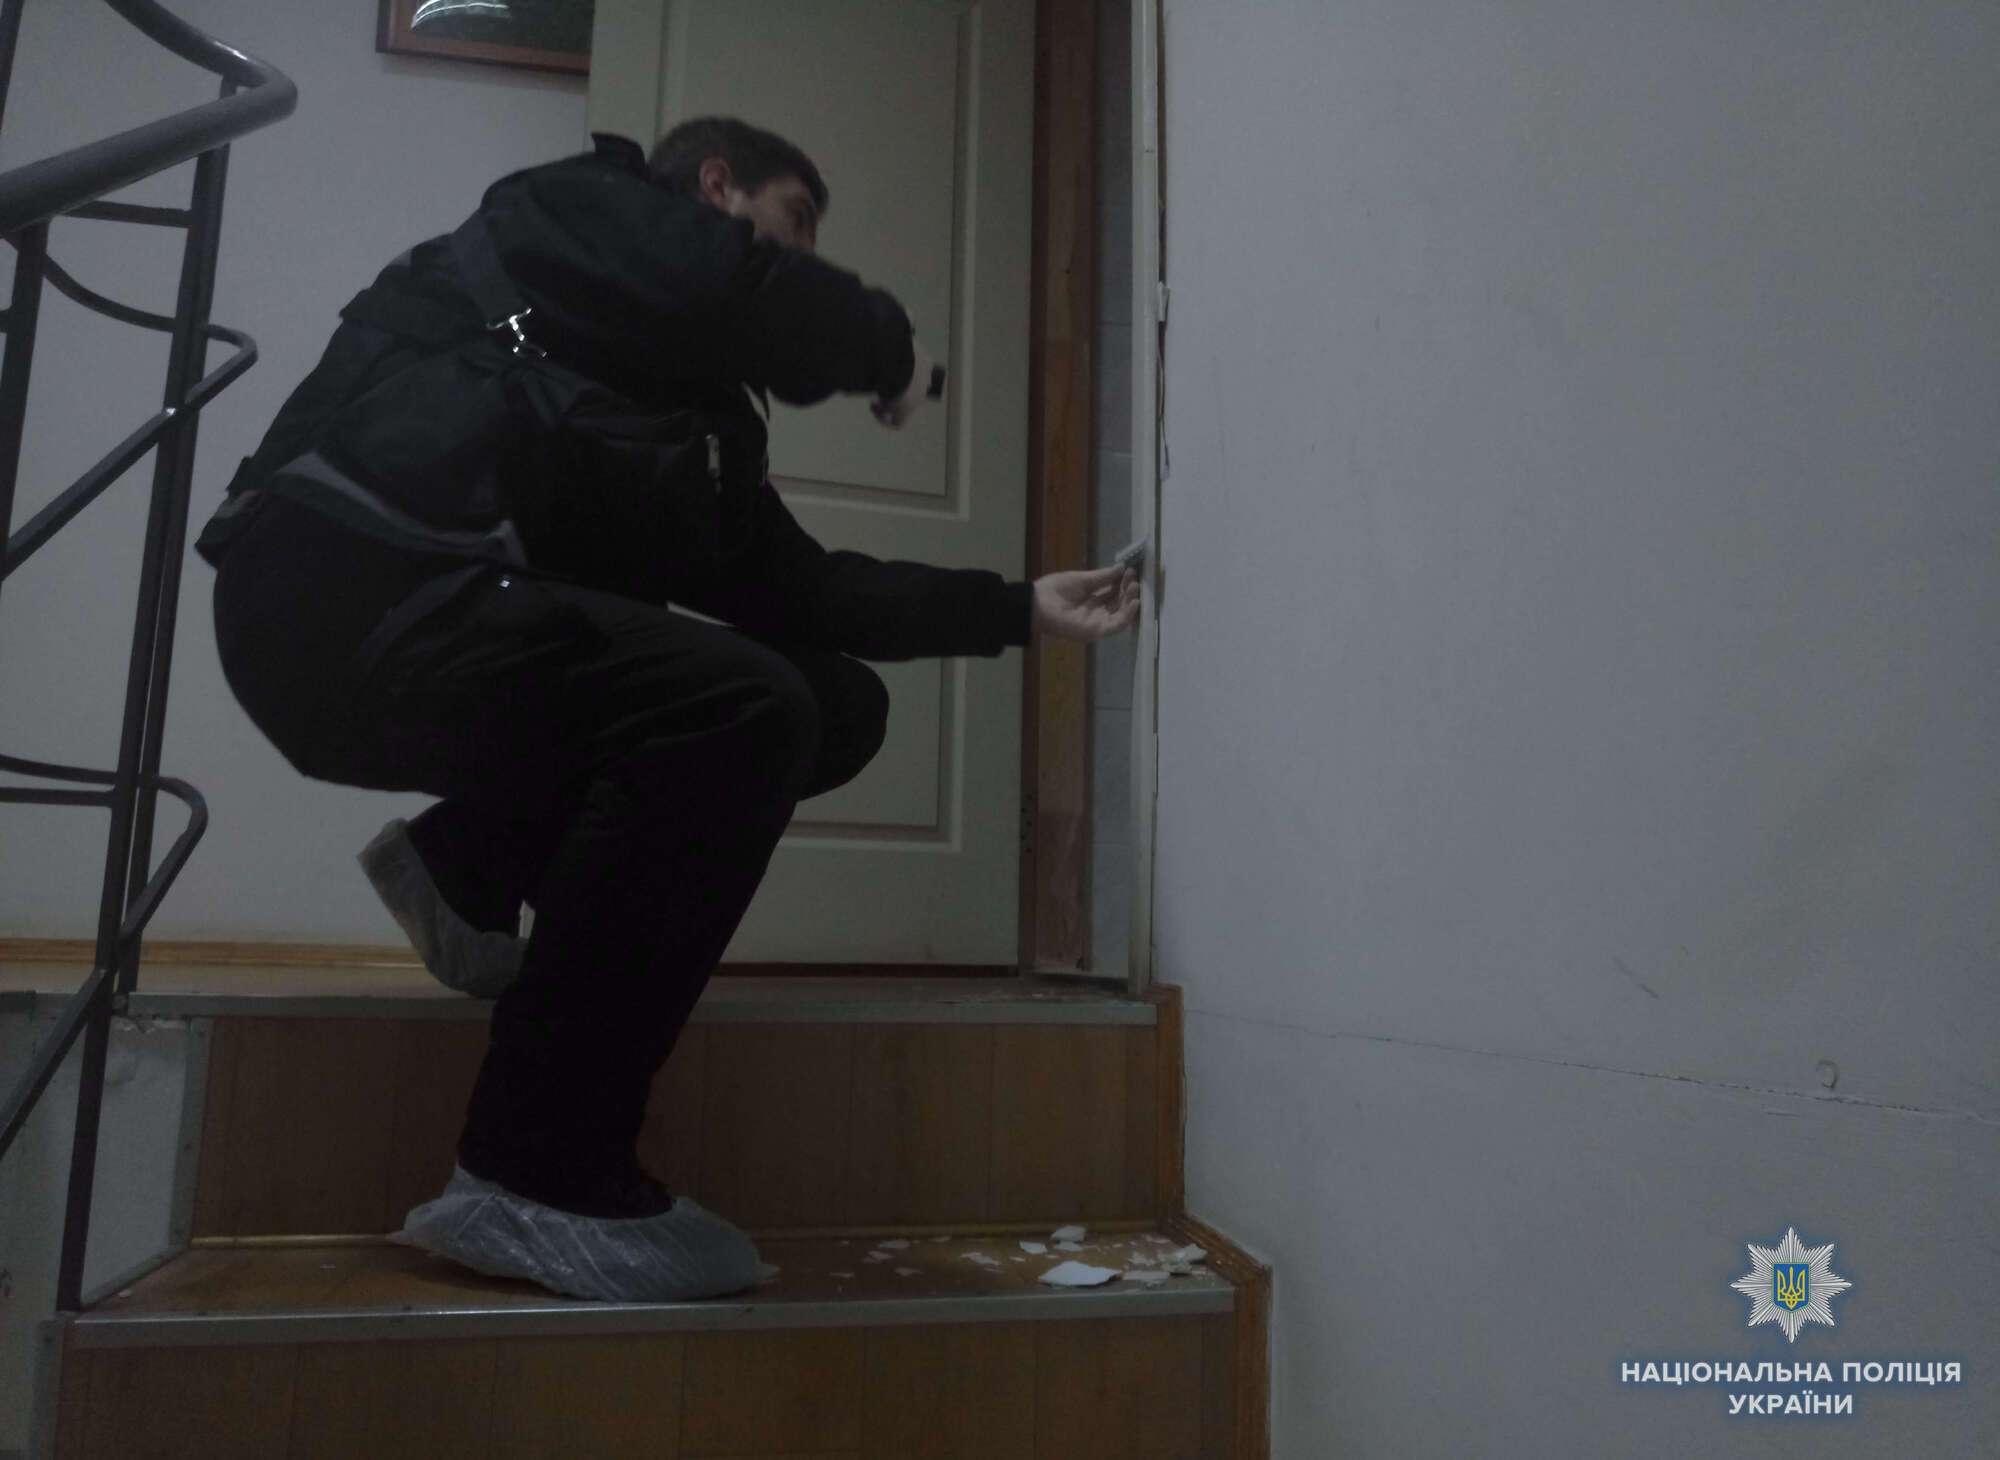 Связали охранника и вскрыли сейфы: в Киеве ограбили офис